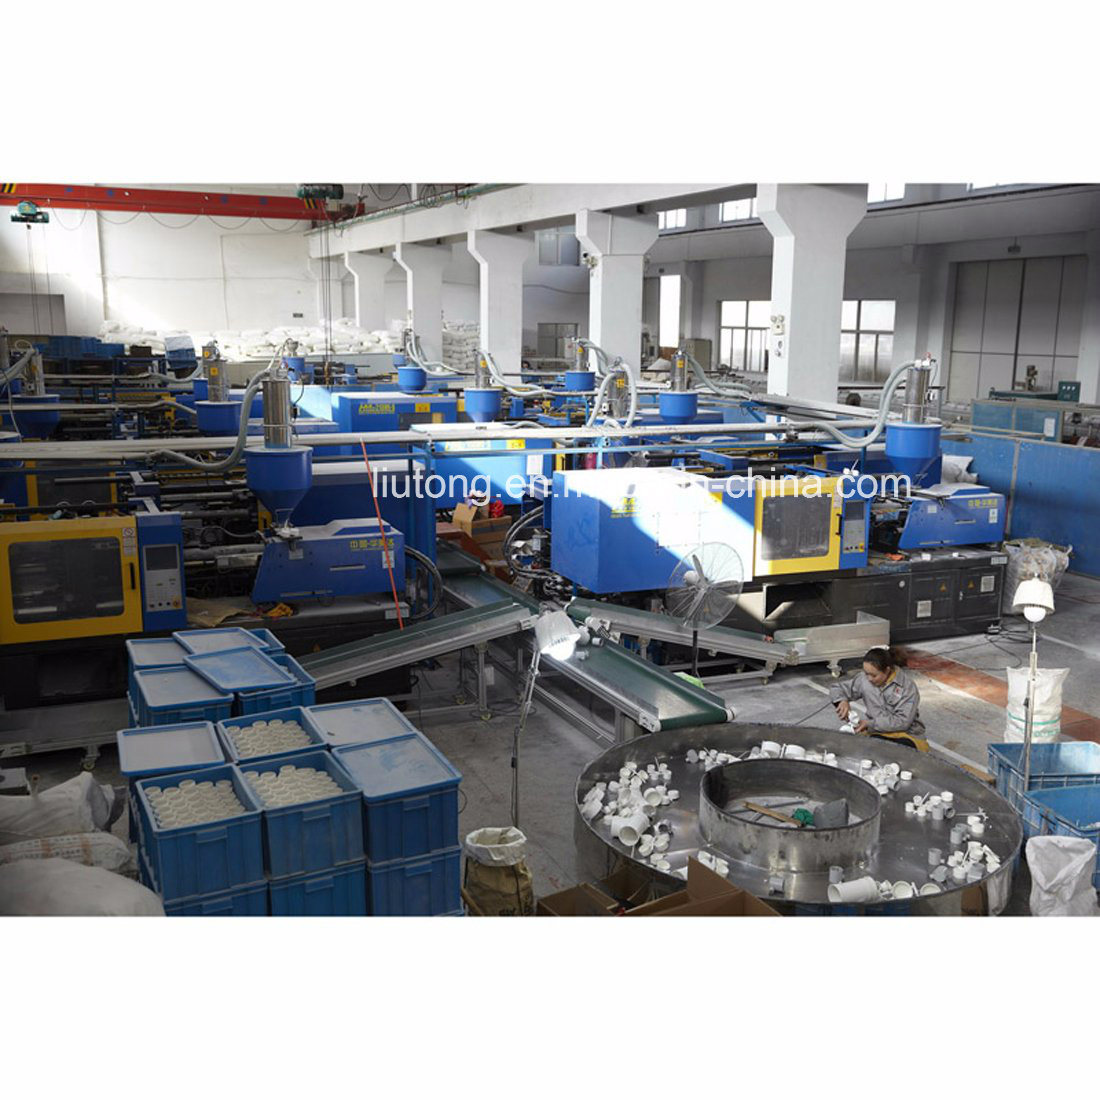 Plastic UPVC Pipe ASTM D1785 Standard for Dwv Drain Water